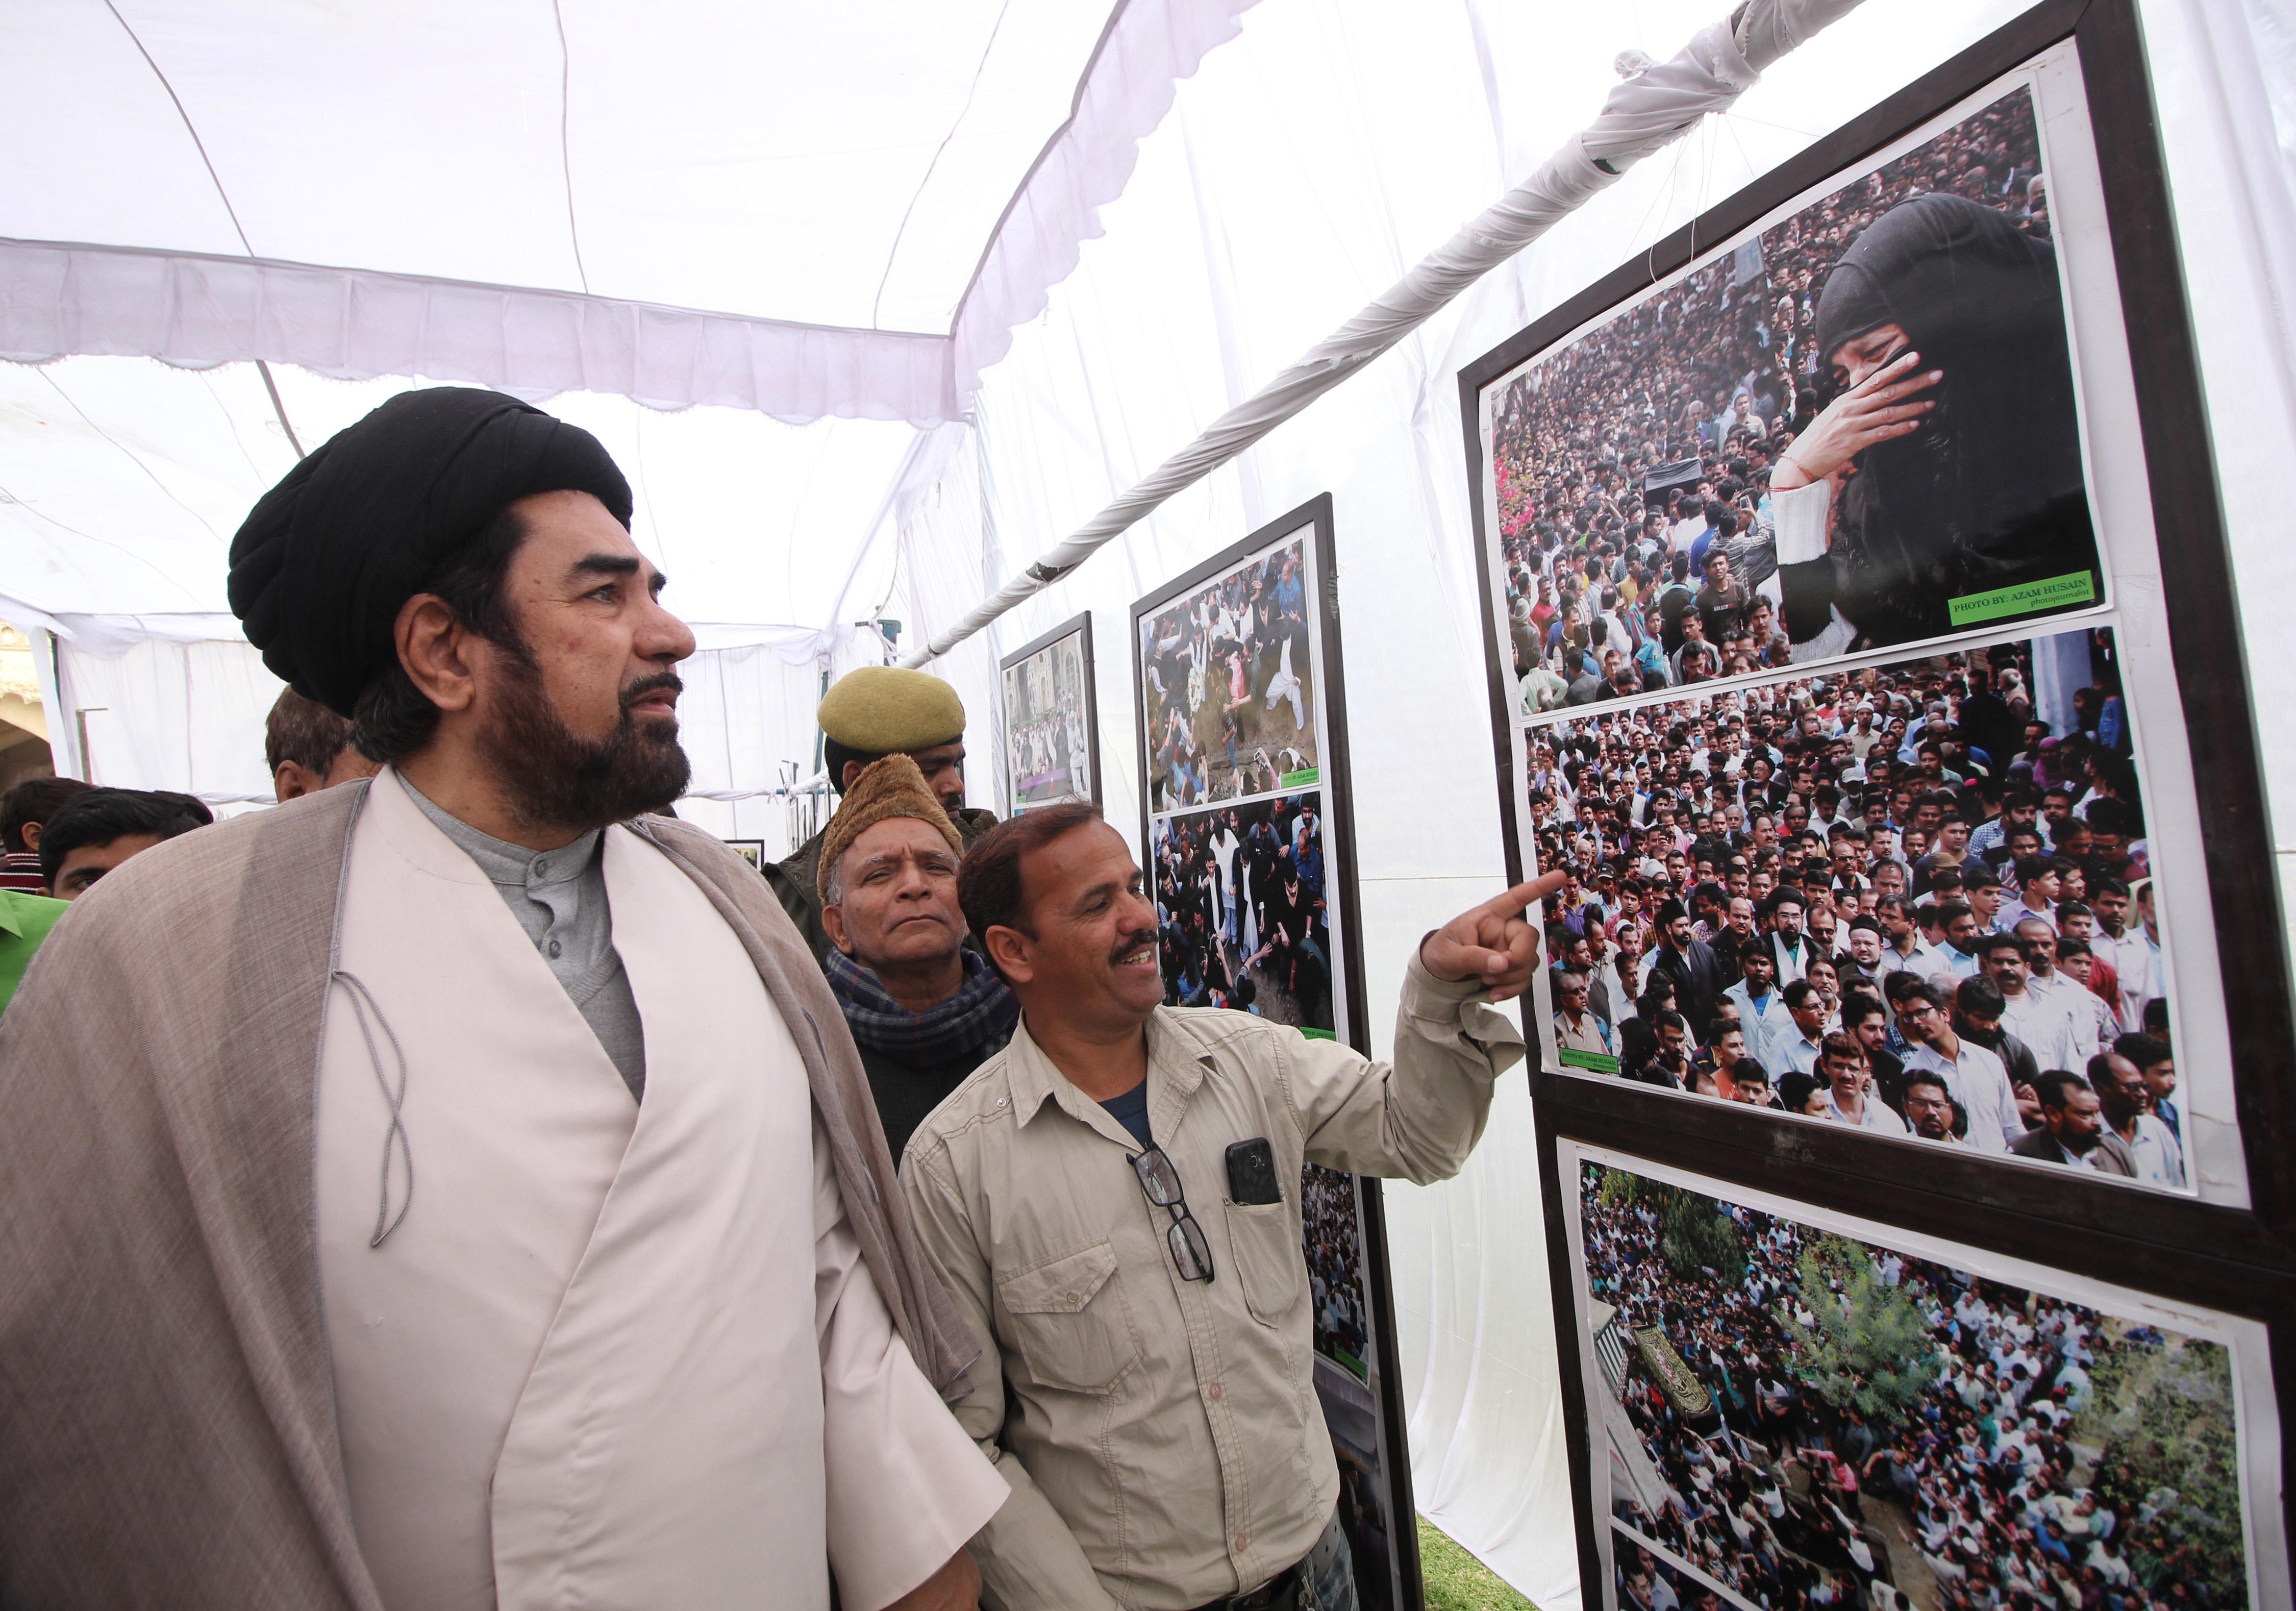 ایس این لال اور فوٹو جرنلسٹ اعظم حسین نے مرزا اطہر کی برسی کے موقع پر تصاویر کی نمائش کا اہتمام کیا